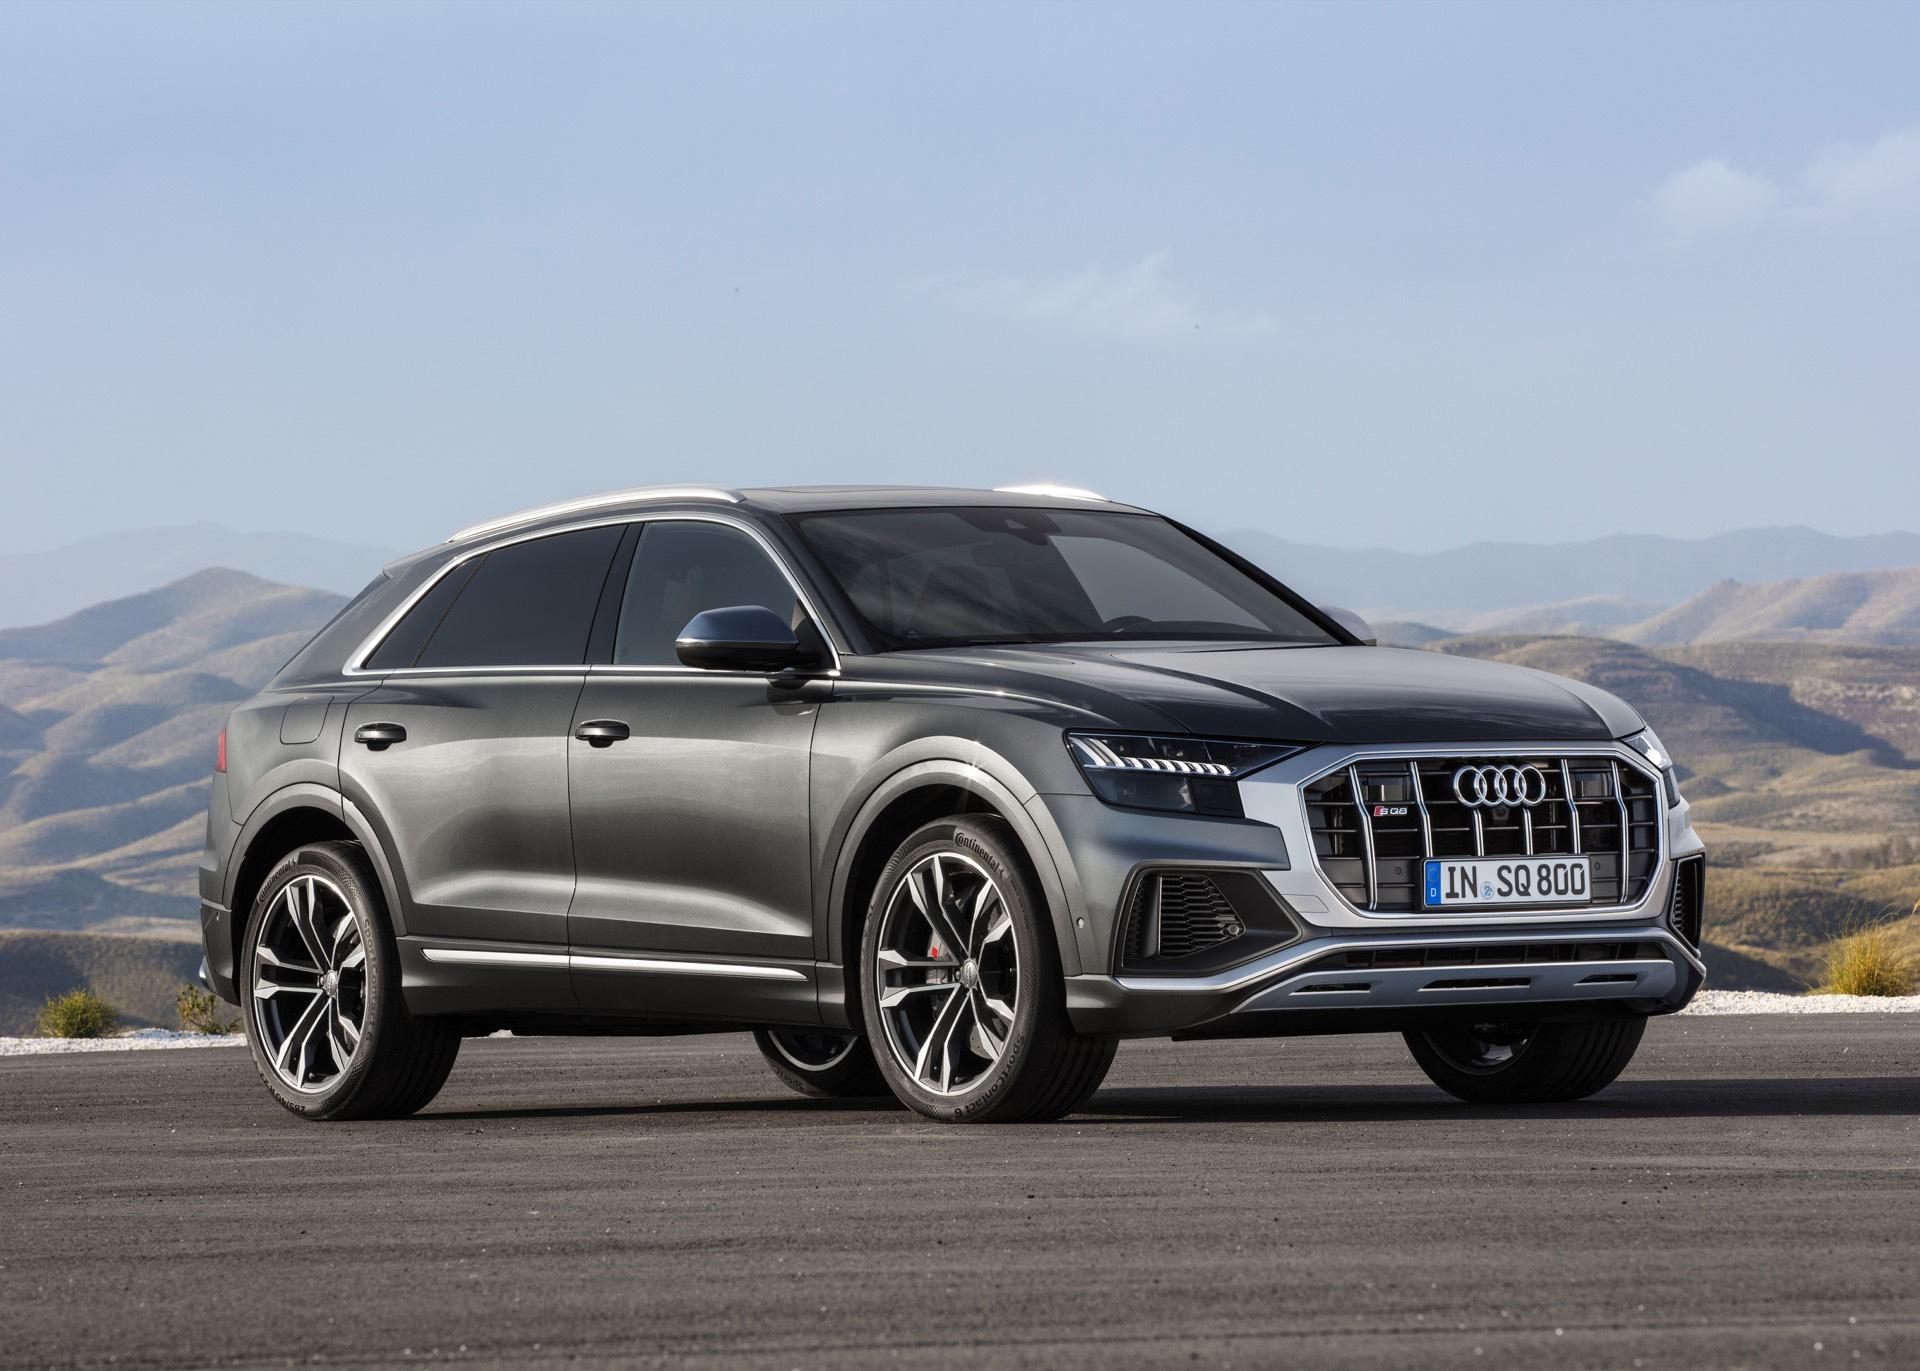 Audi-SQ8-TDI-2019-9